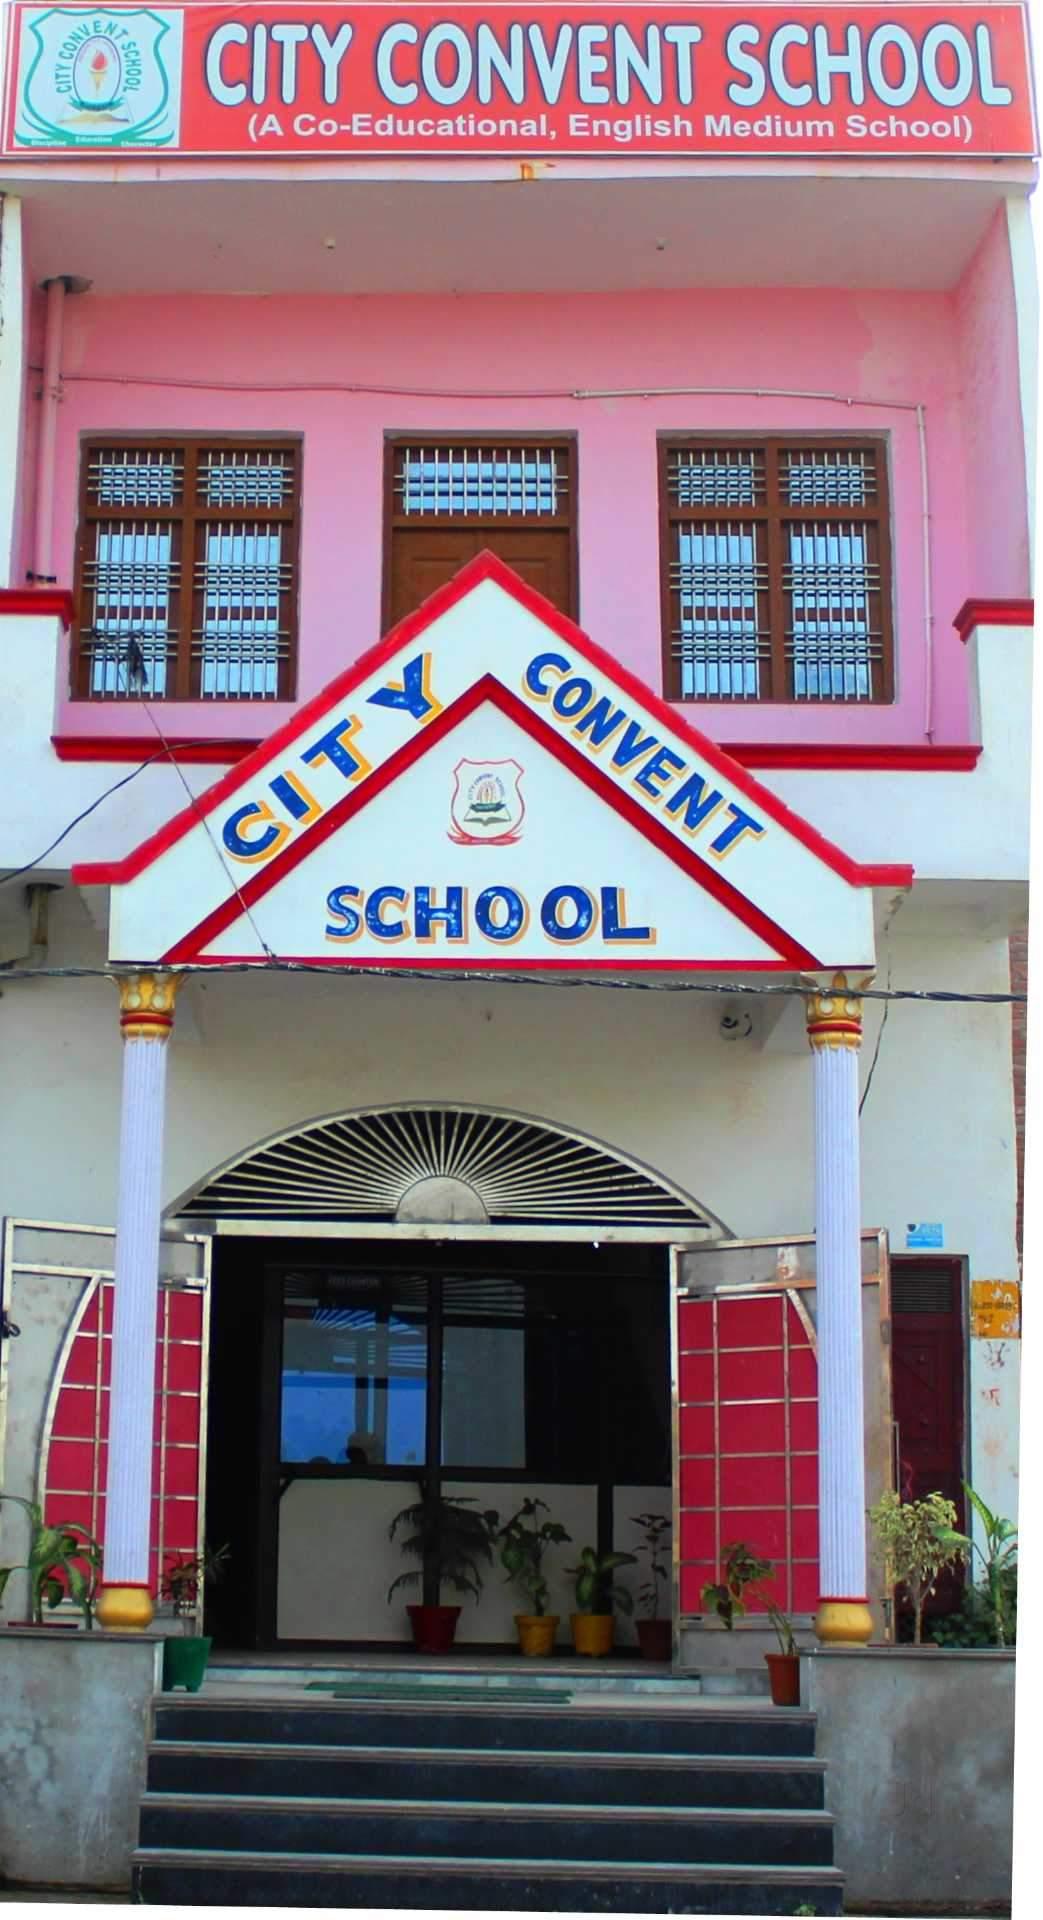 Top Public Schools in Awagarh - Best Government Schools Etah - Justdial